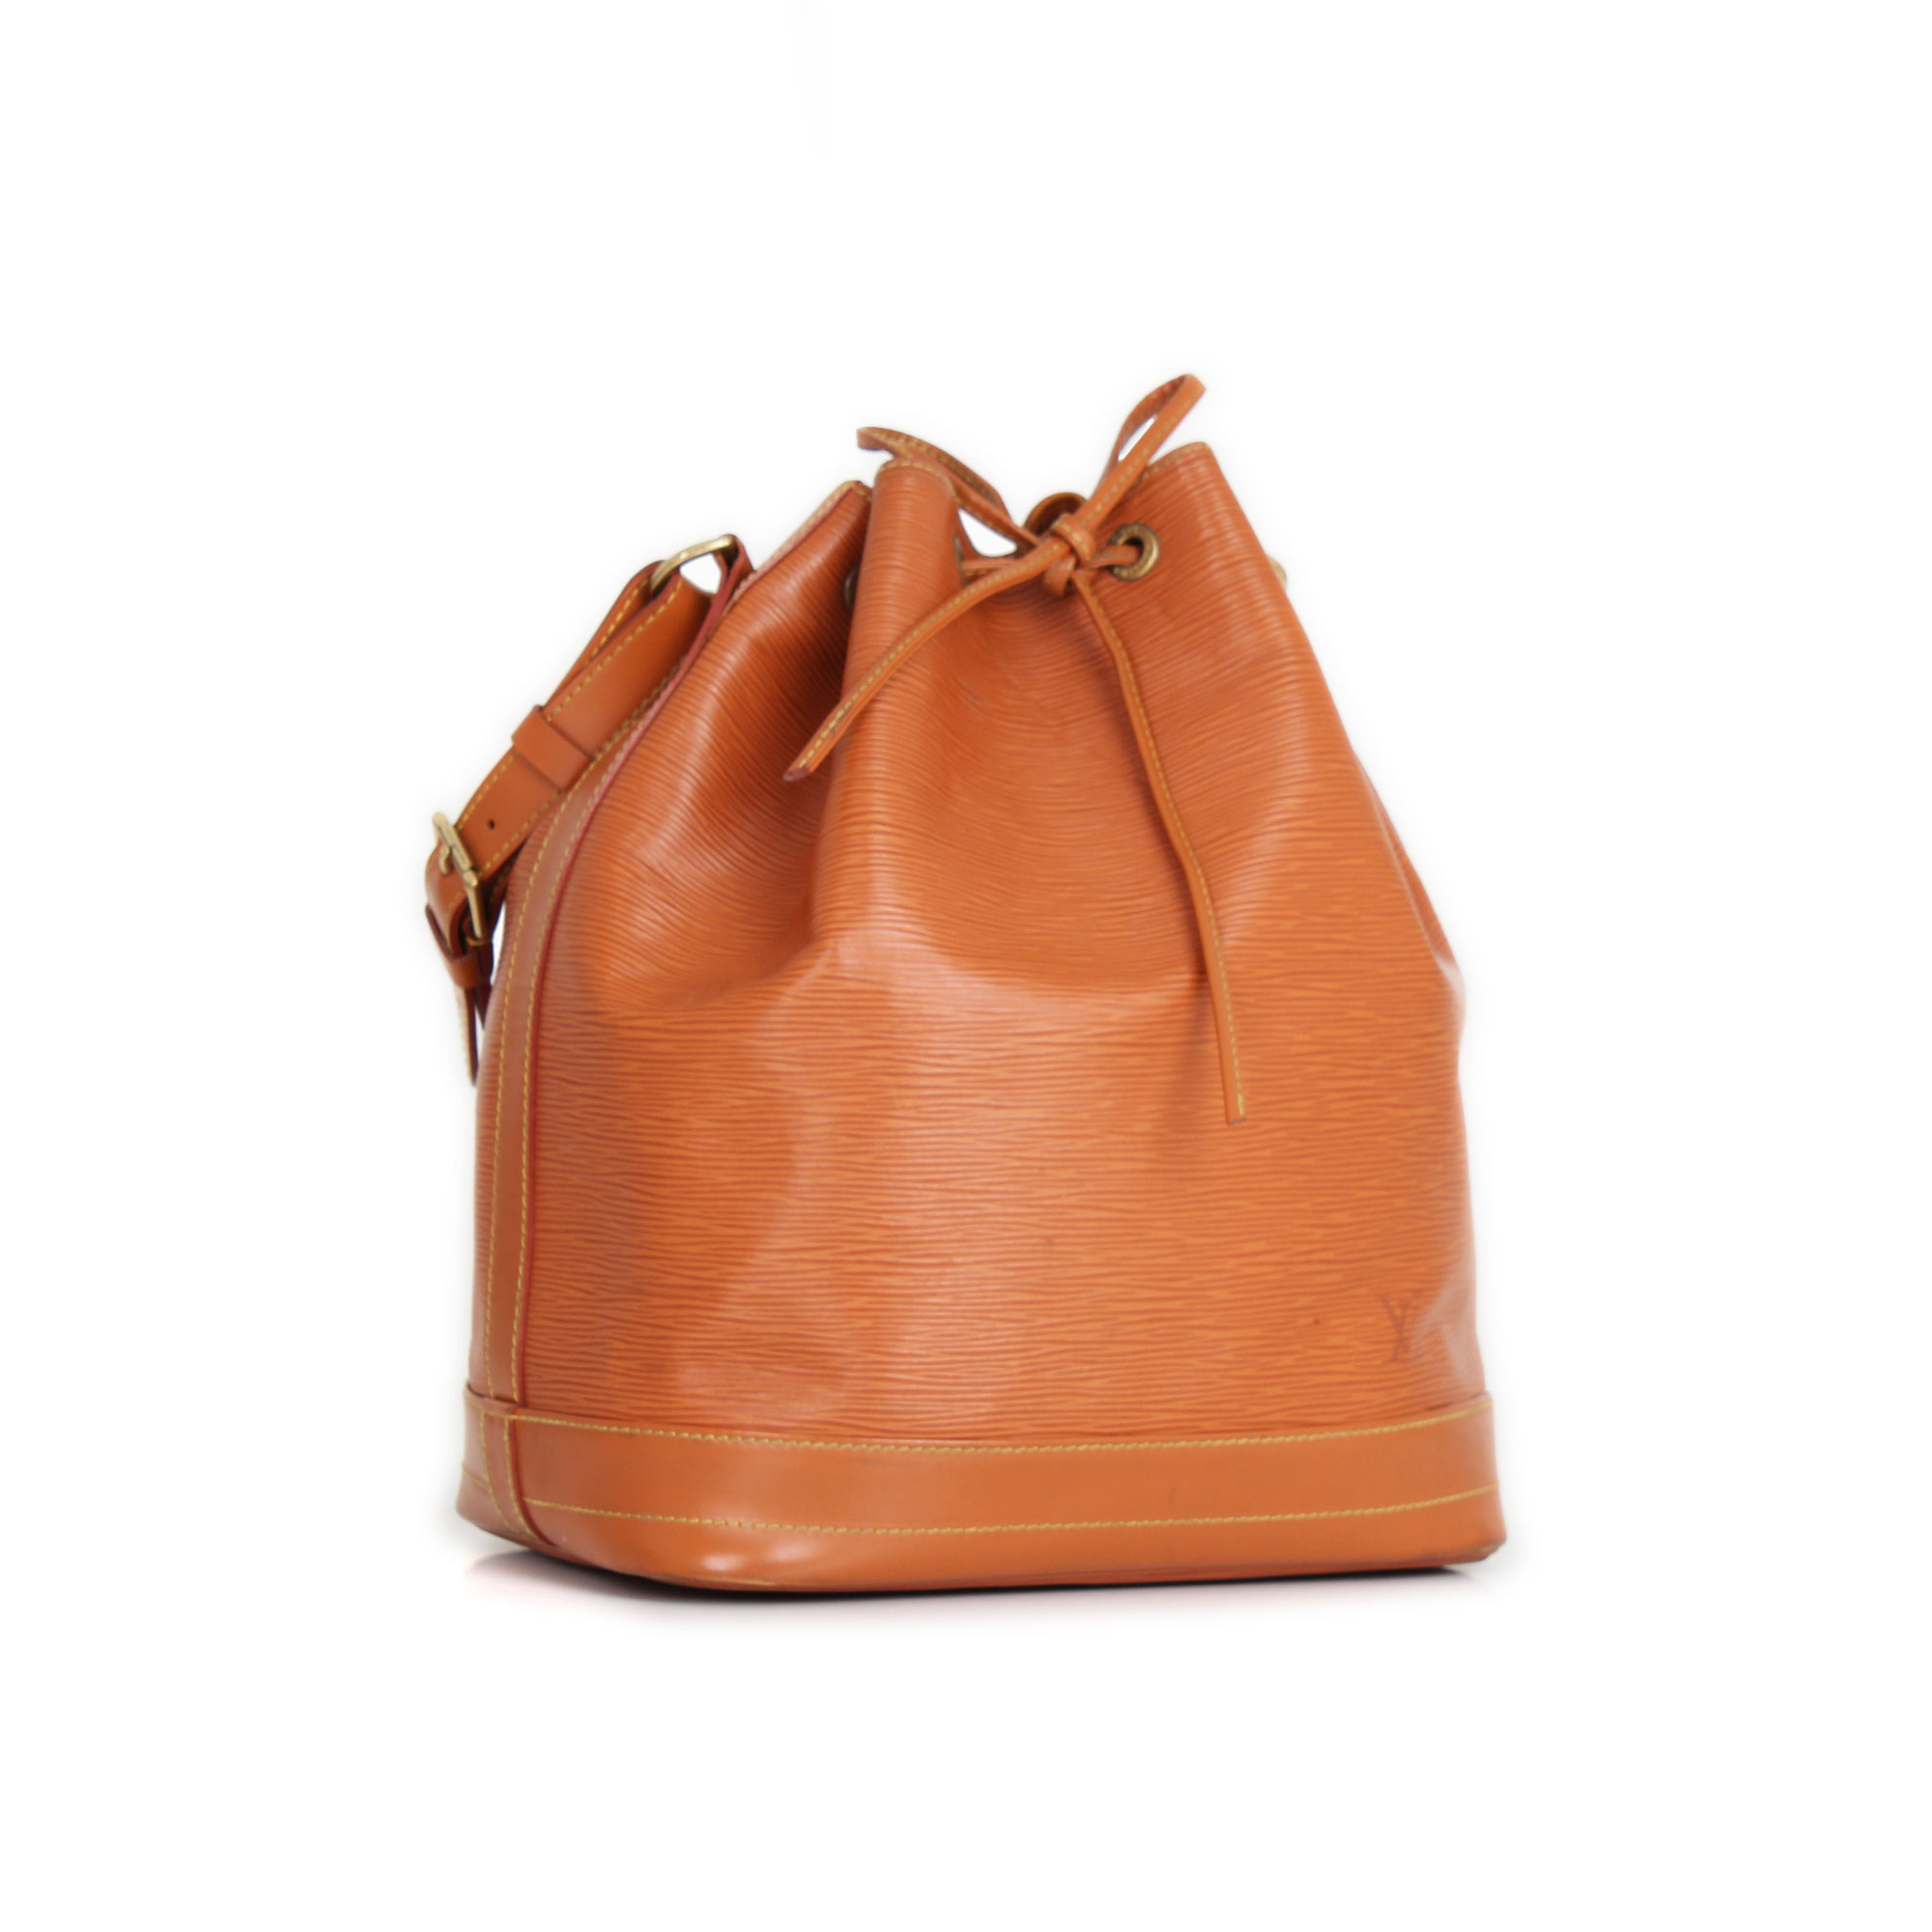 a480de1809da Louis Vuitton Gold Epi Leather Noé Gm Shoulder Bag Cbl Bags